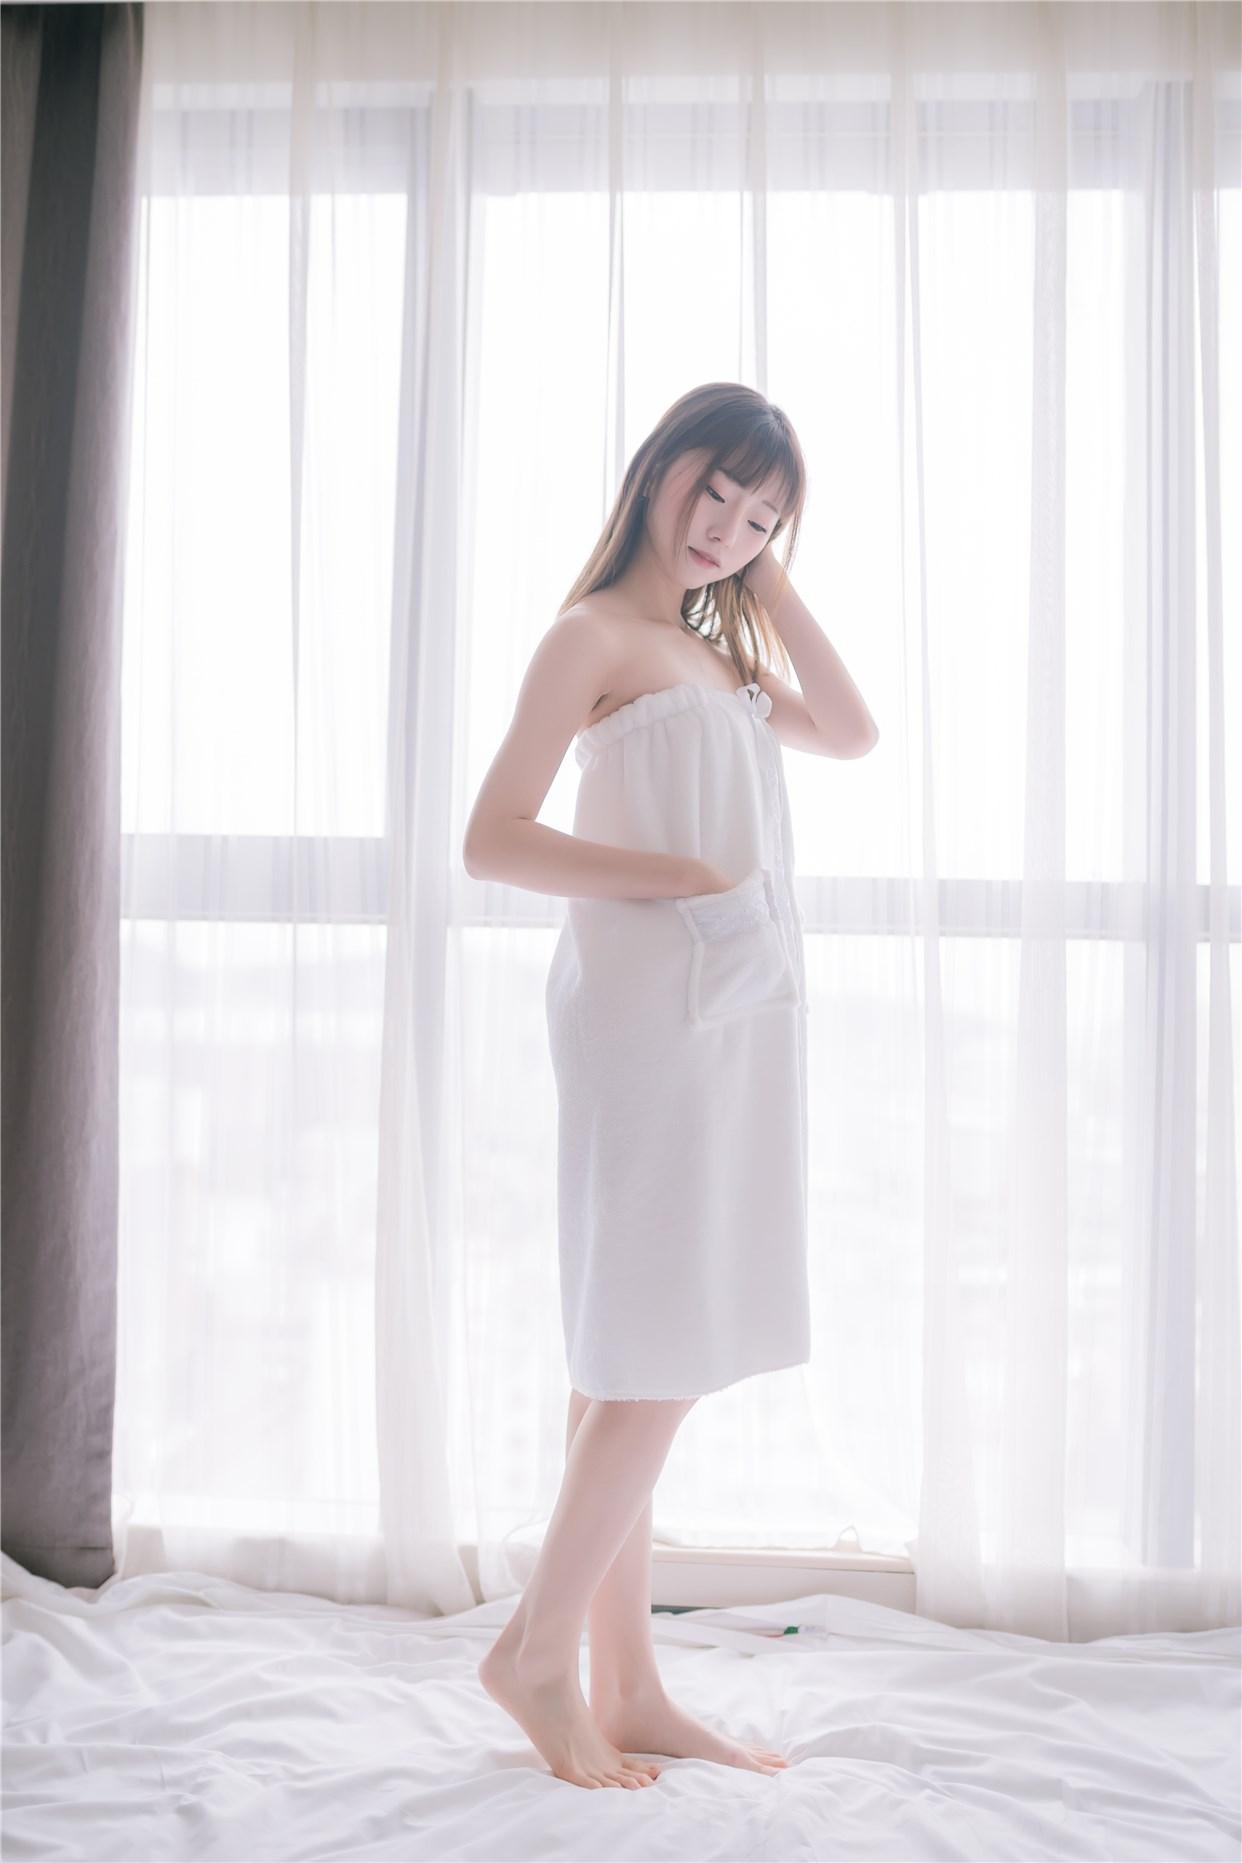 【兔玩映画】vol.18-纯白浴巾 兔玩映画 第31张